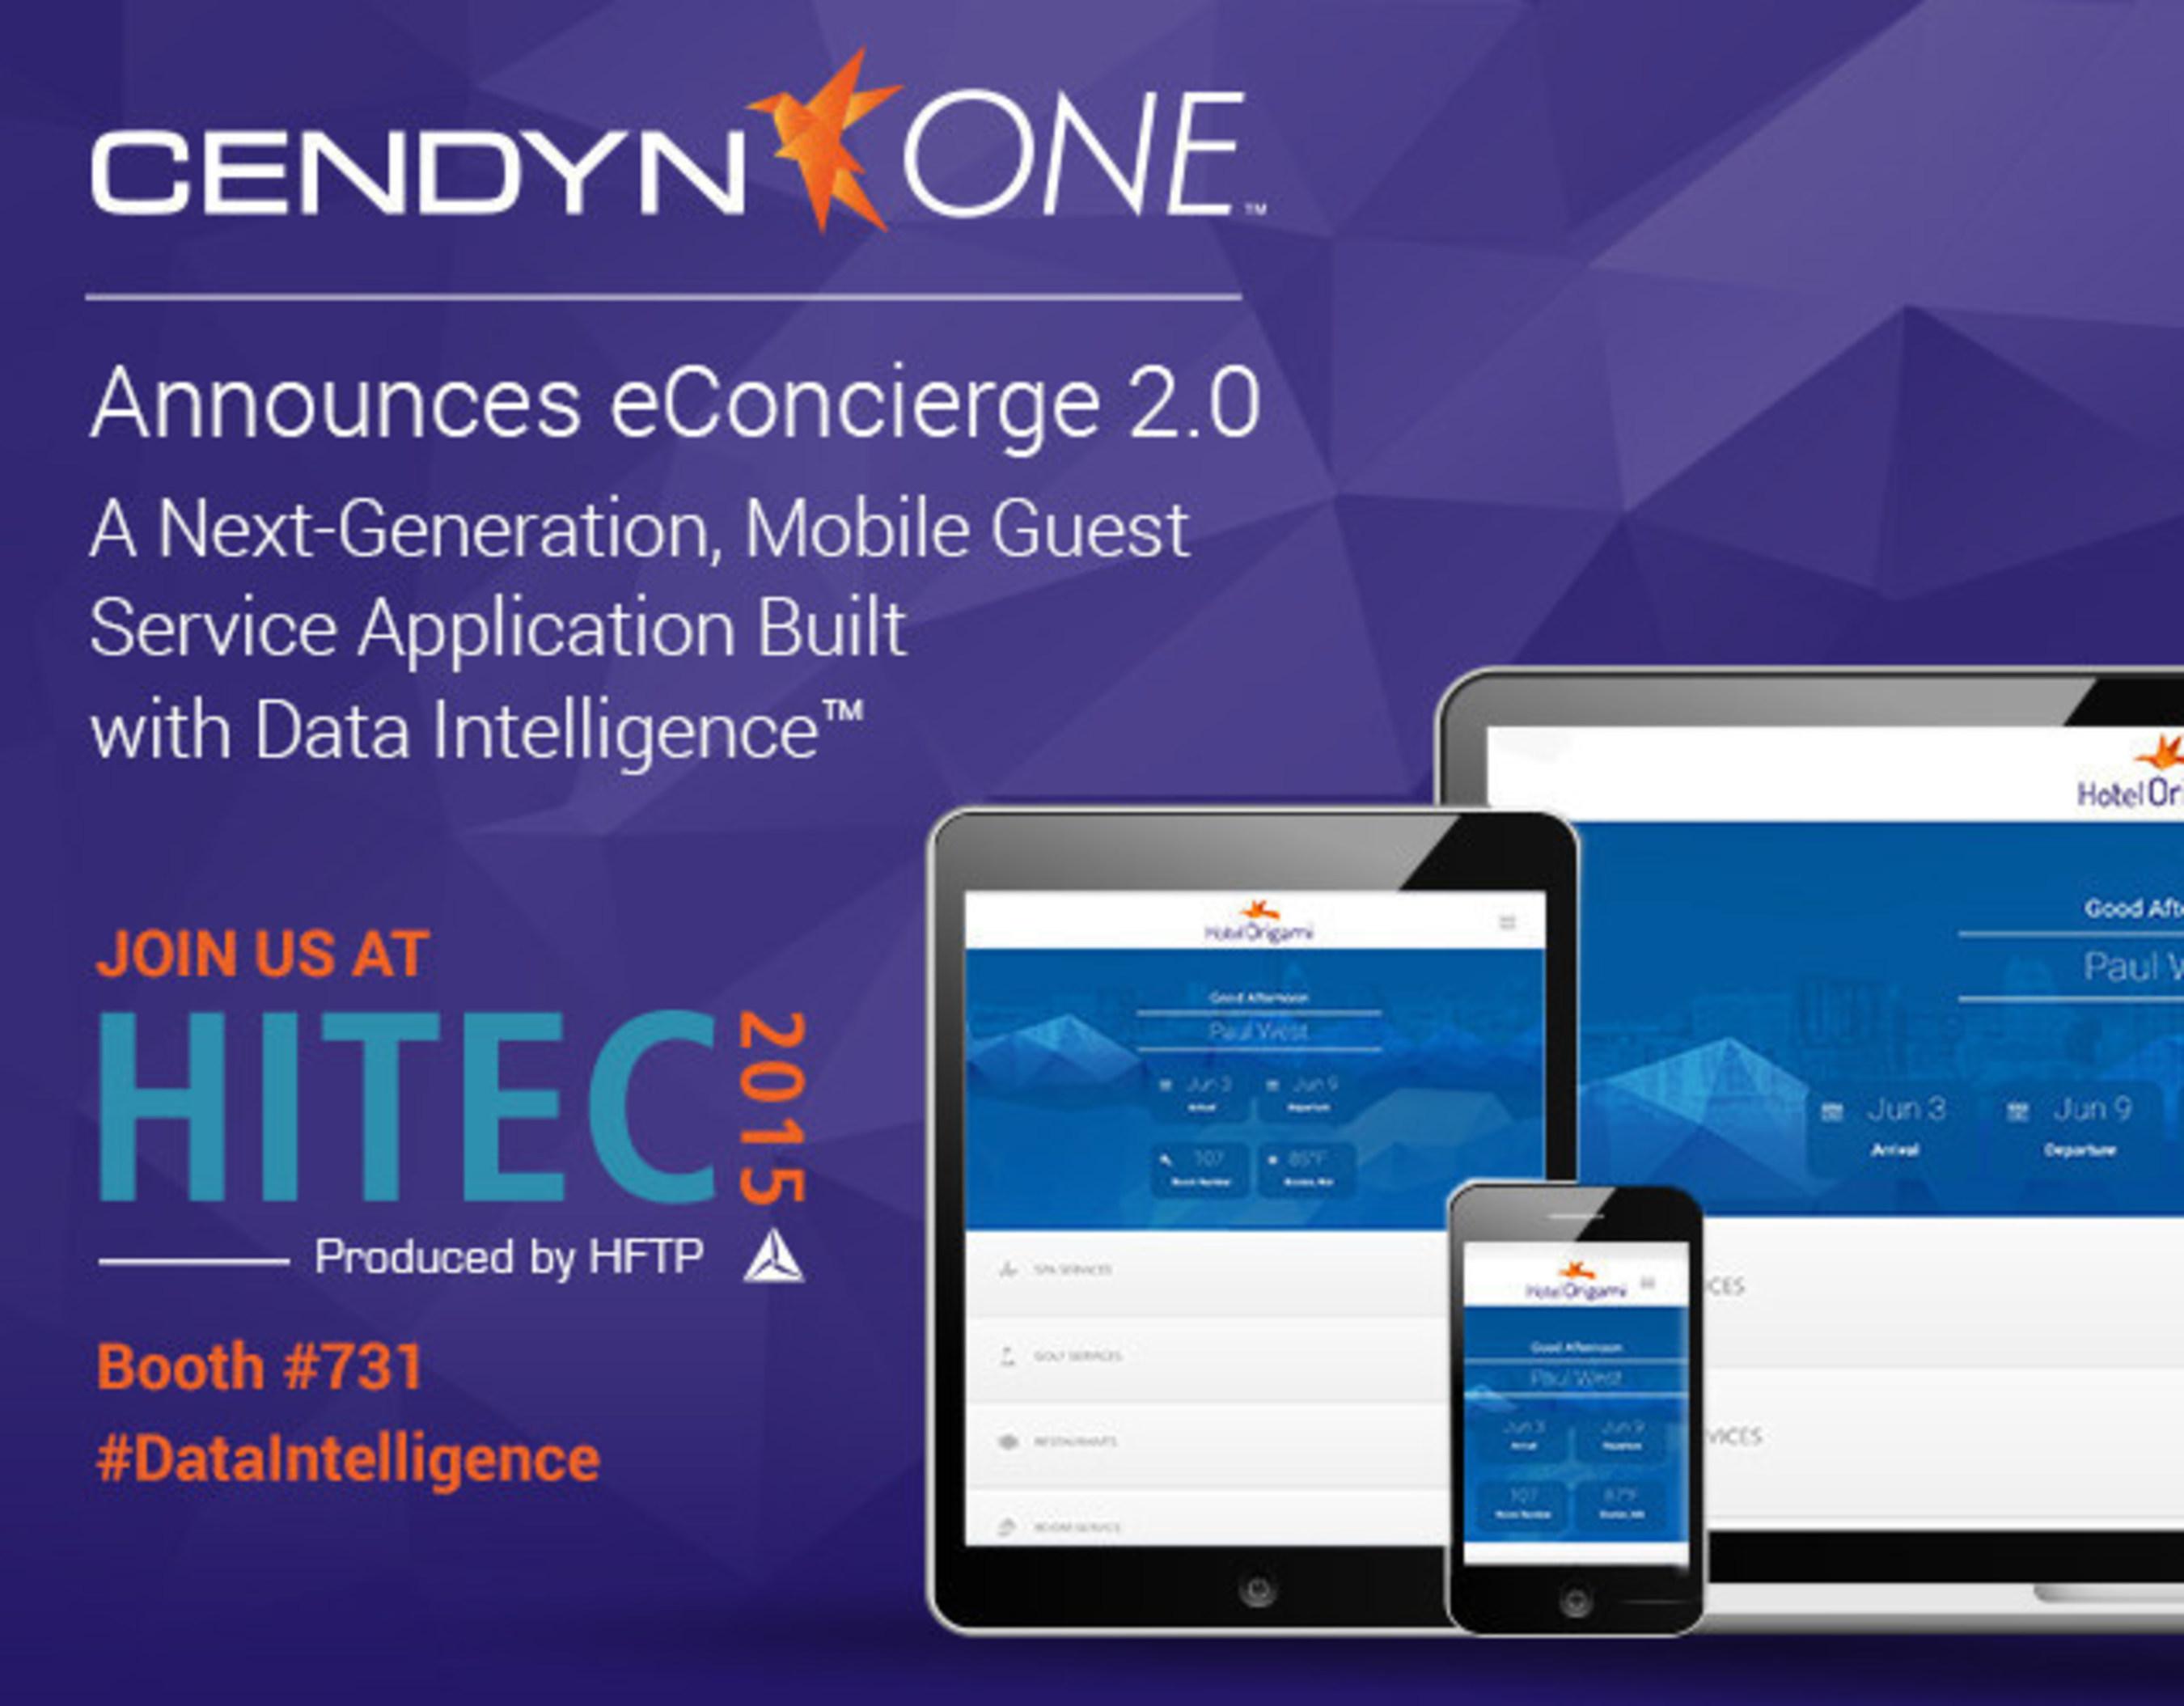 Cendyn/ONE Announces eConcierge 2.0 -- a Next-Generation, Mobile Guest Service Application built